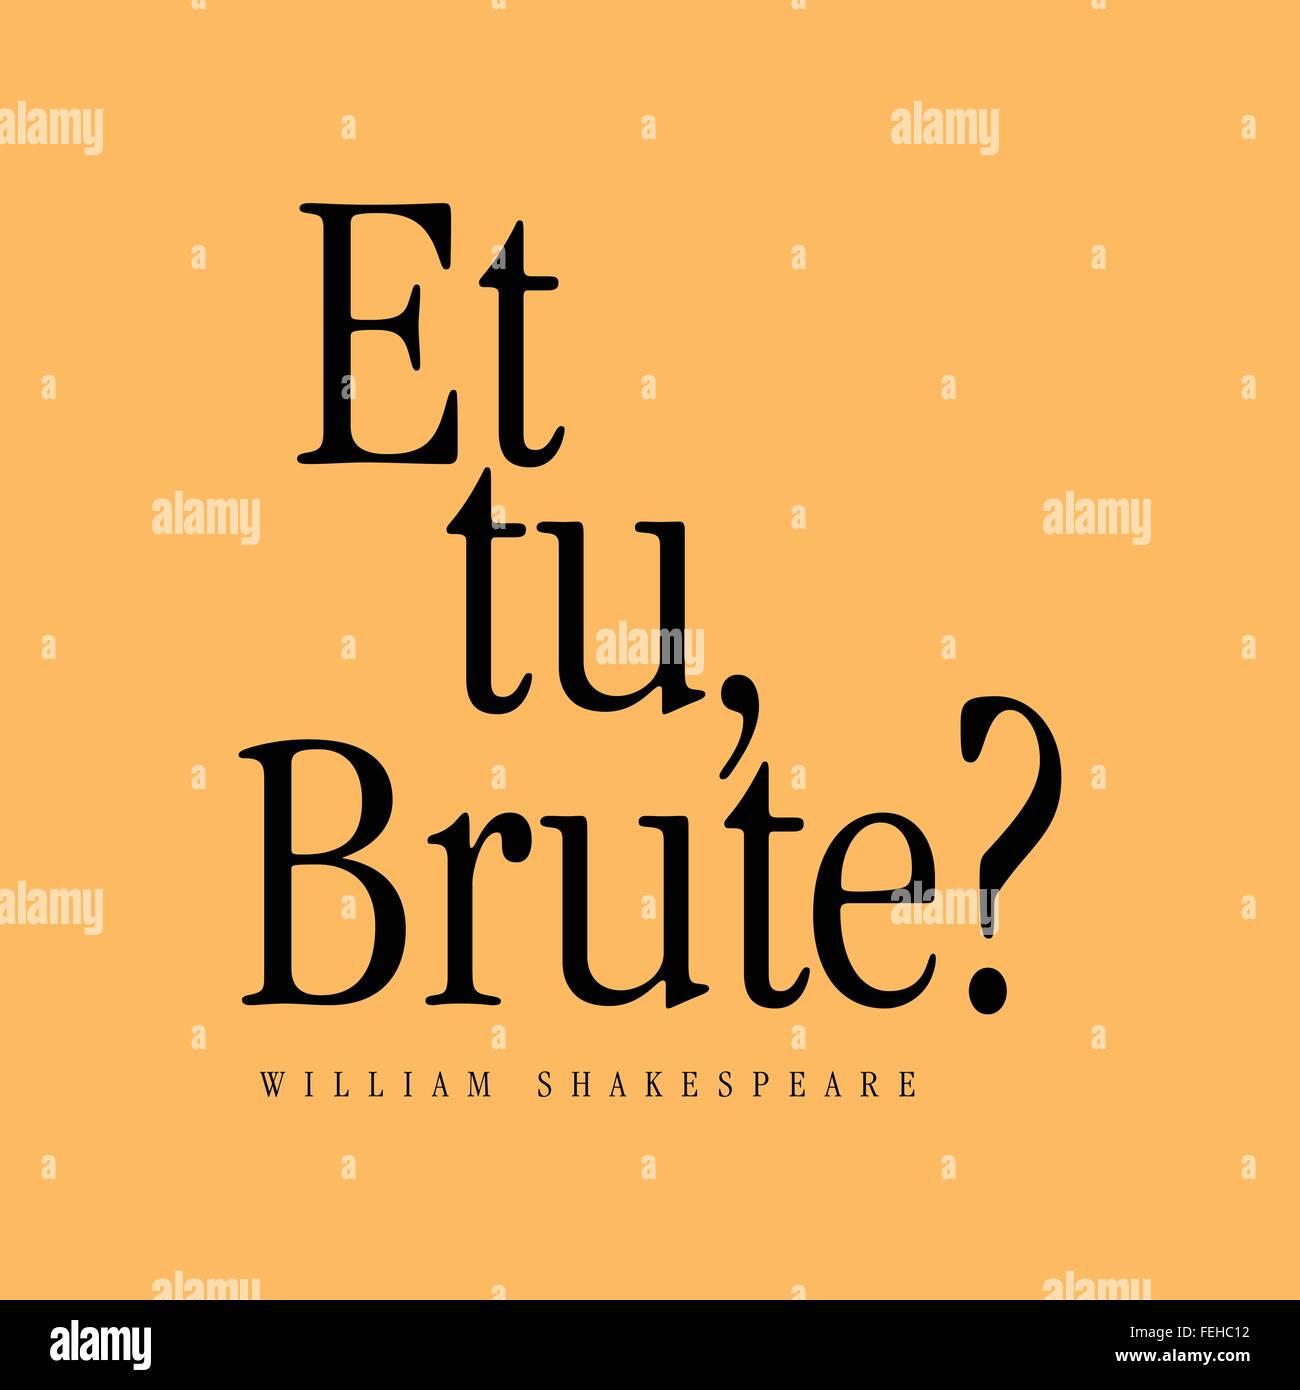 'Et tu, Brute?' William Shakespeare - Stock Image